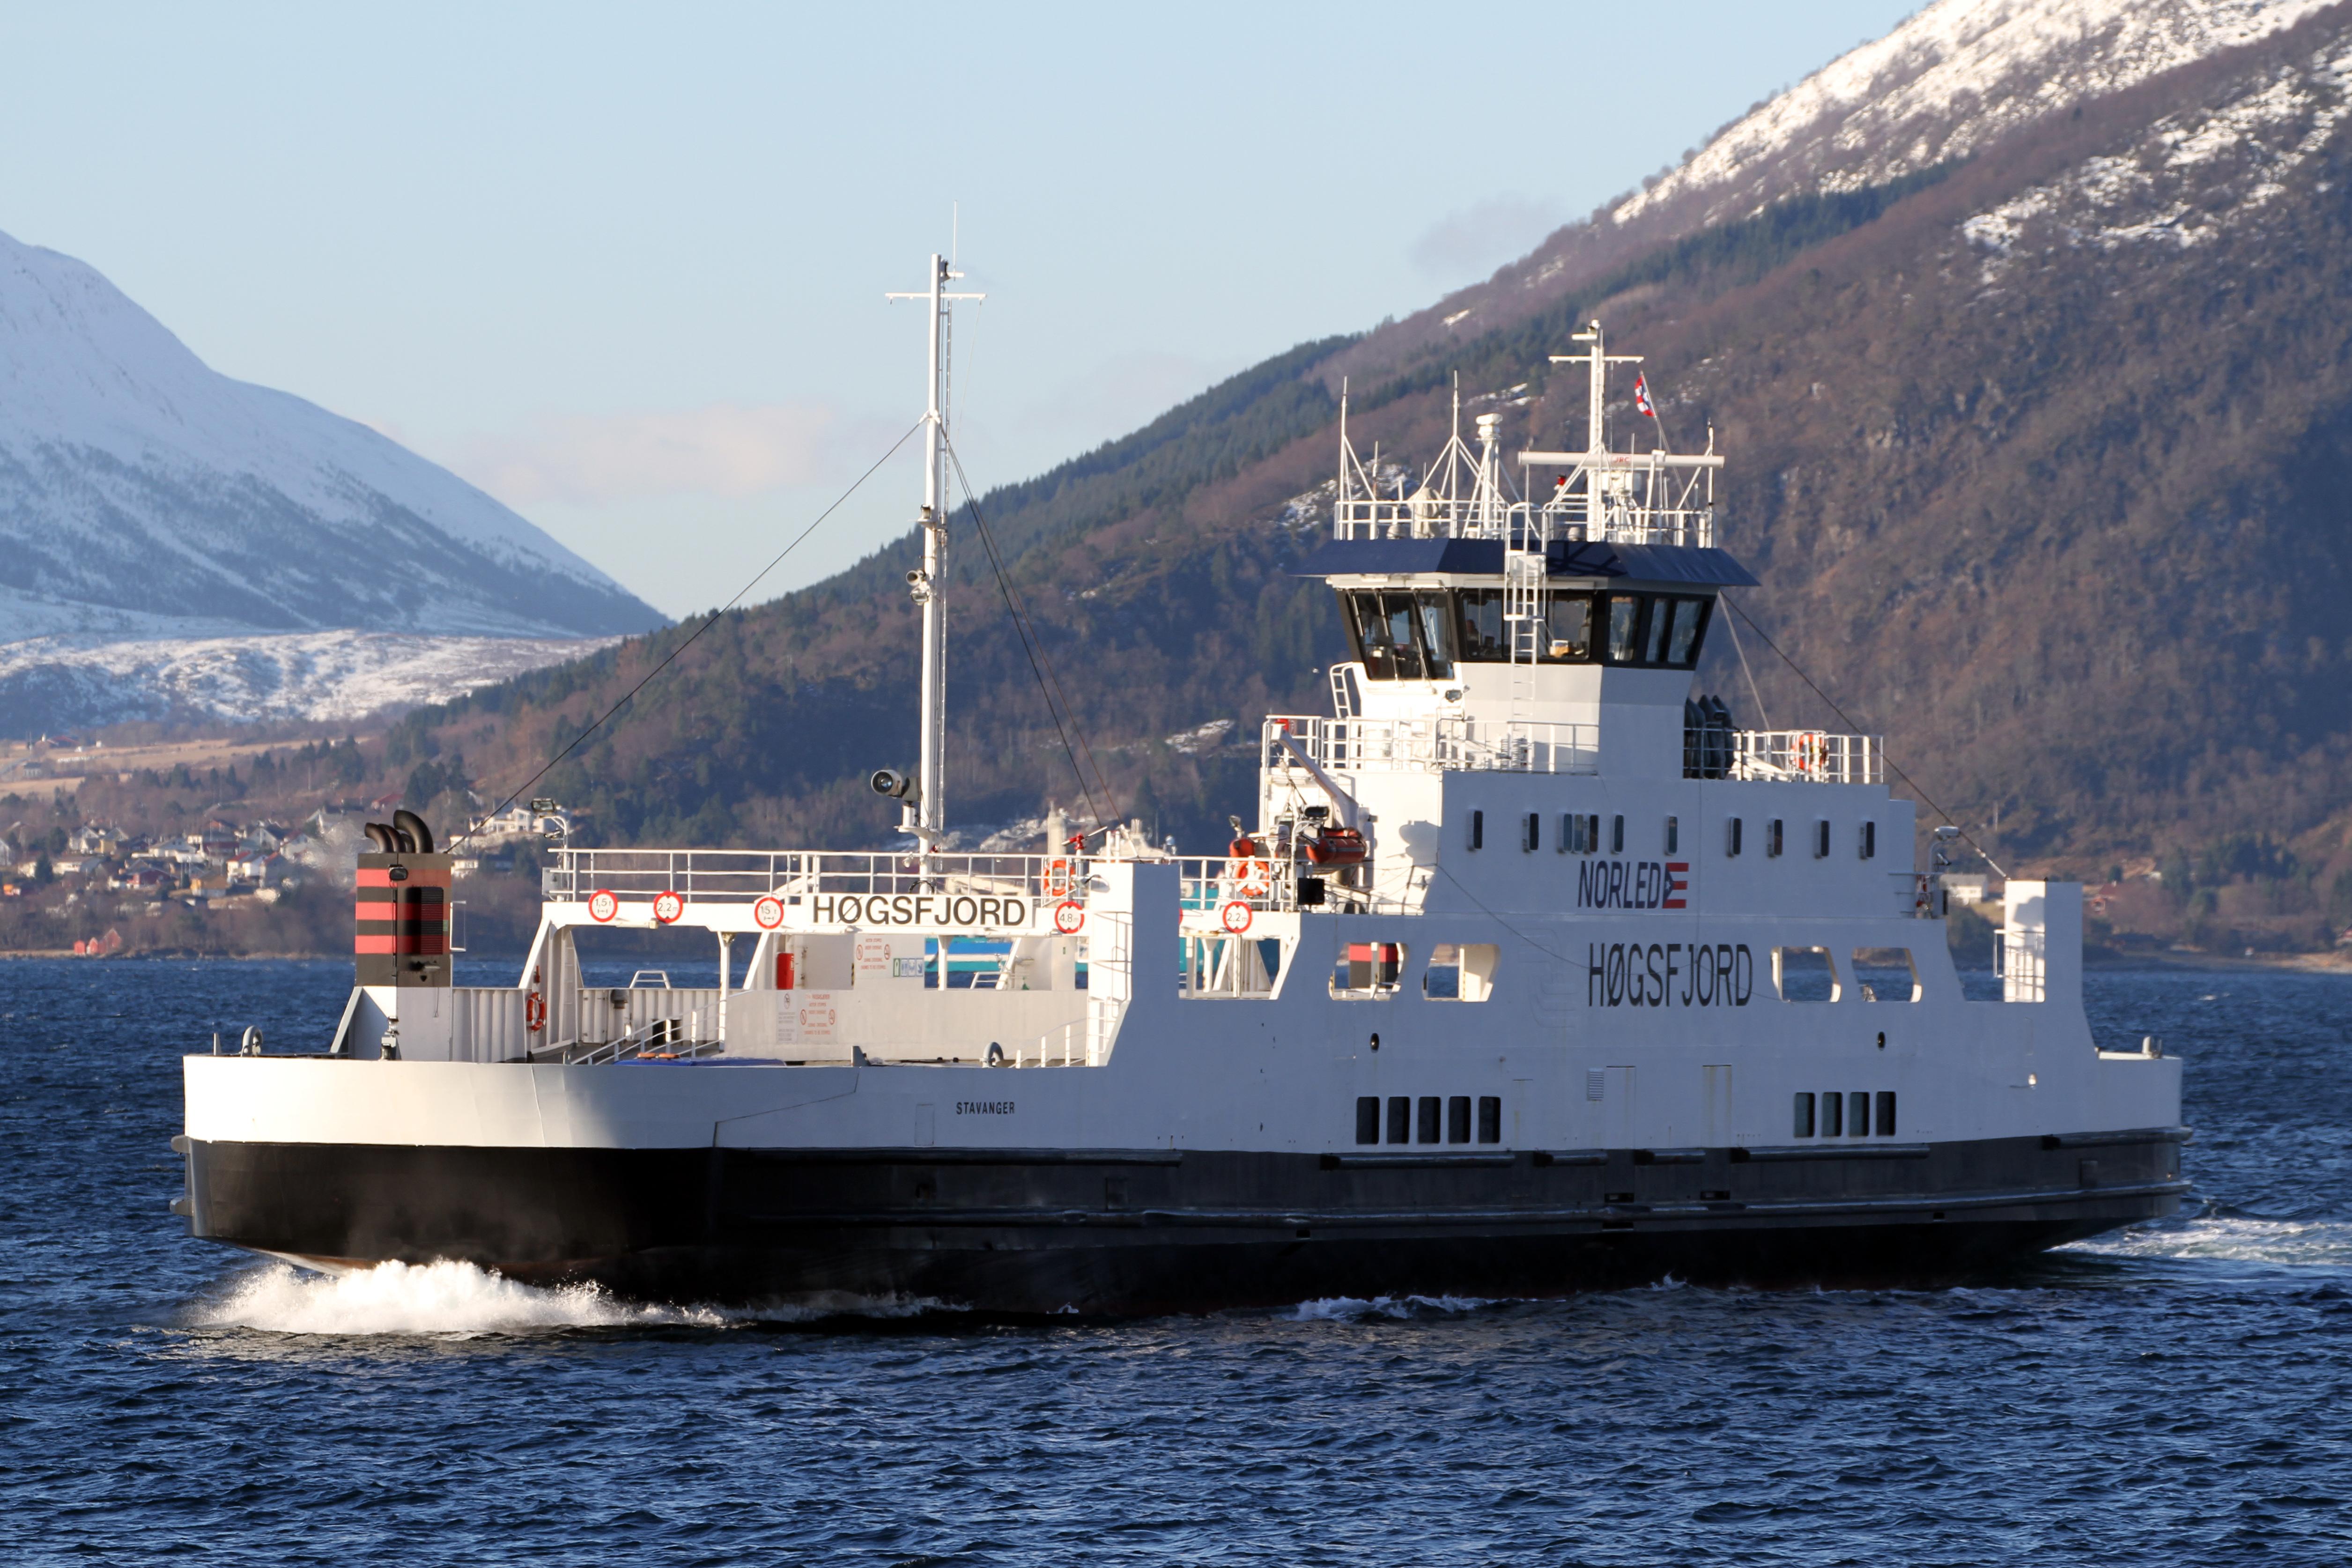 Hogsfjord.jpg